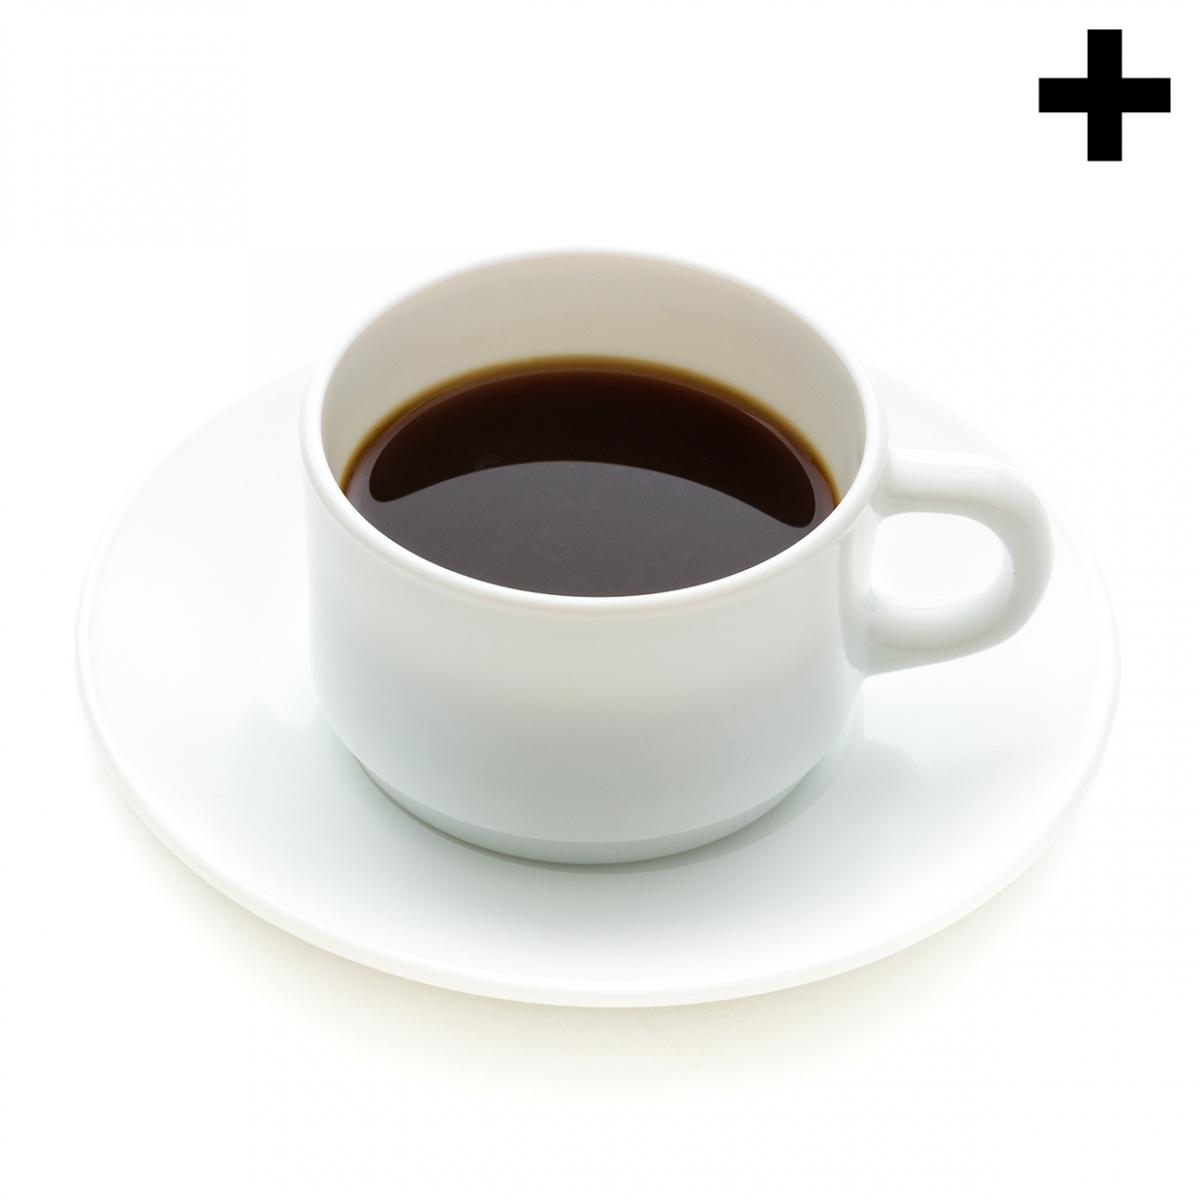 Imagen en la que se ve una taza con café